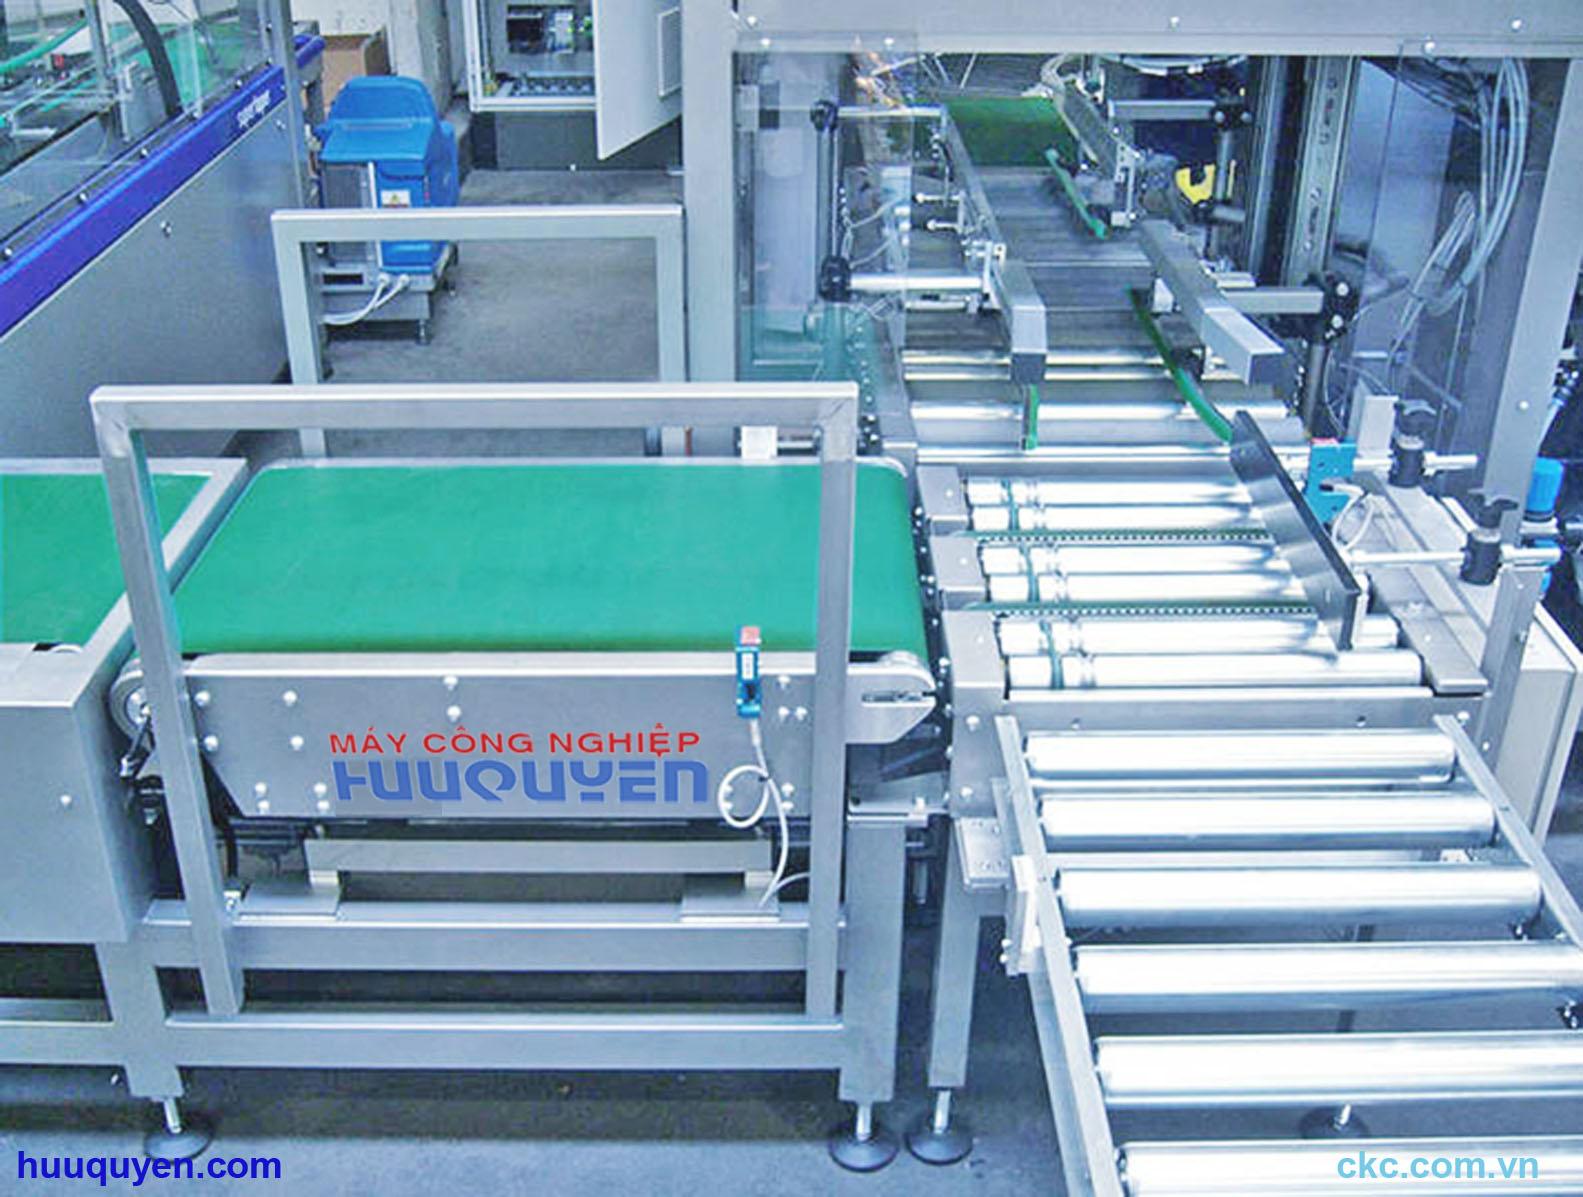 Hệ thống cân băng tải kiểm tra và cơ cấu phân loại sản phẩm dạng con lăn